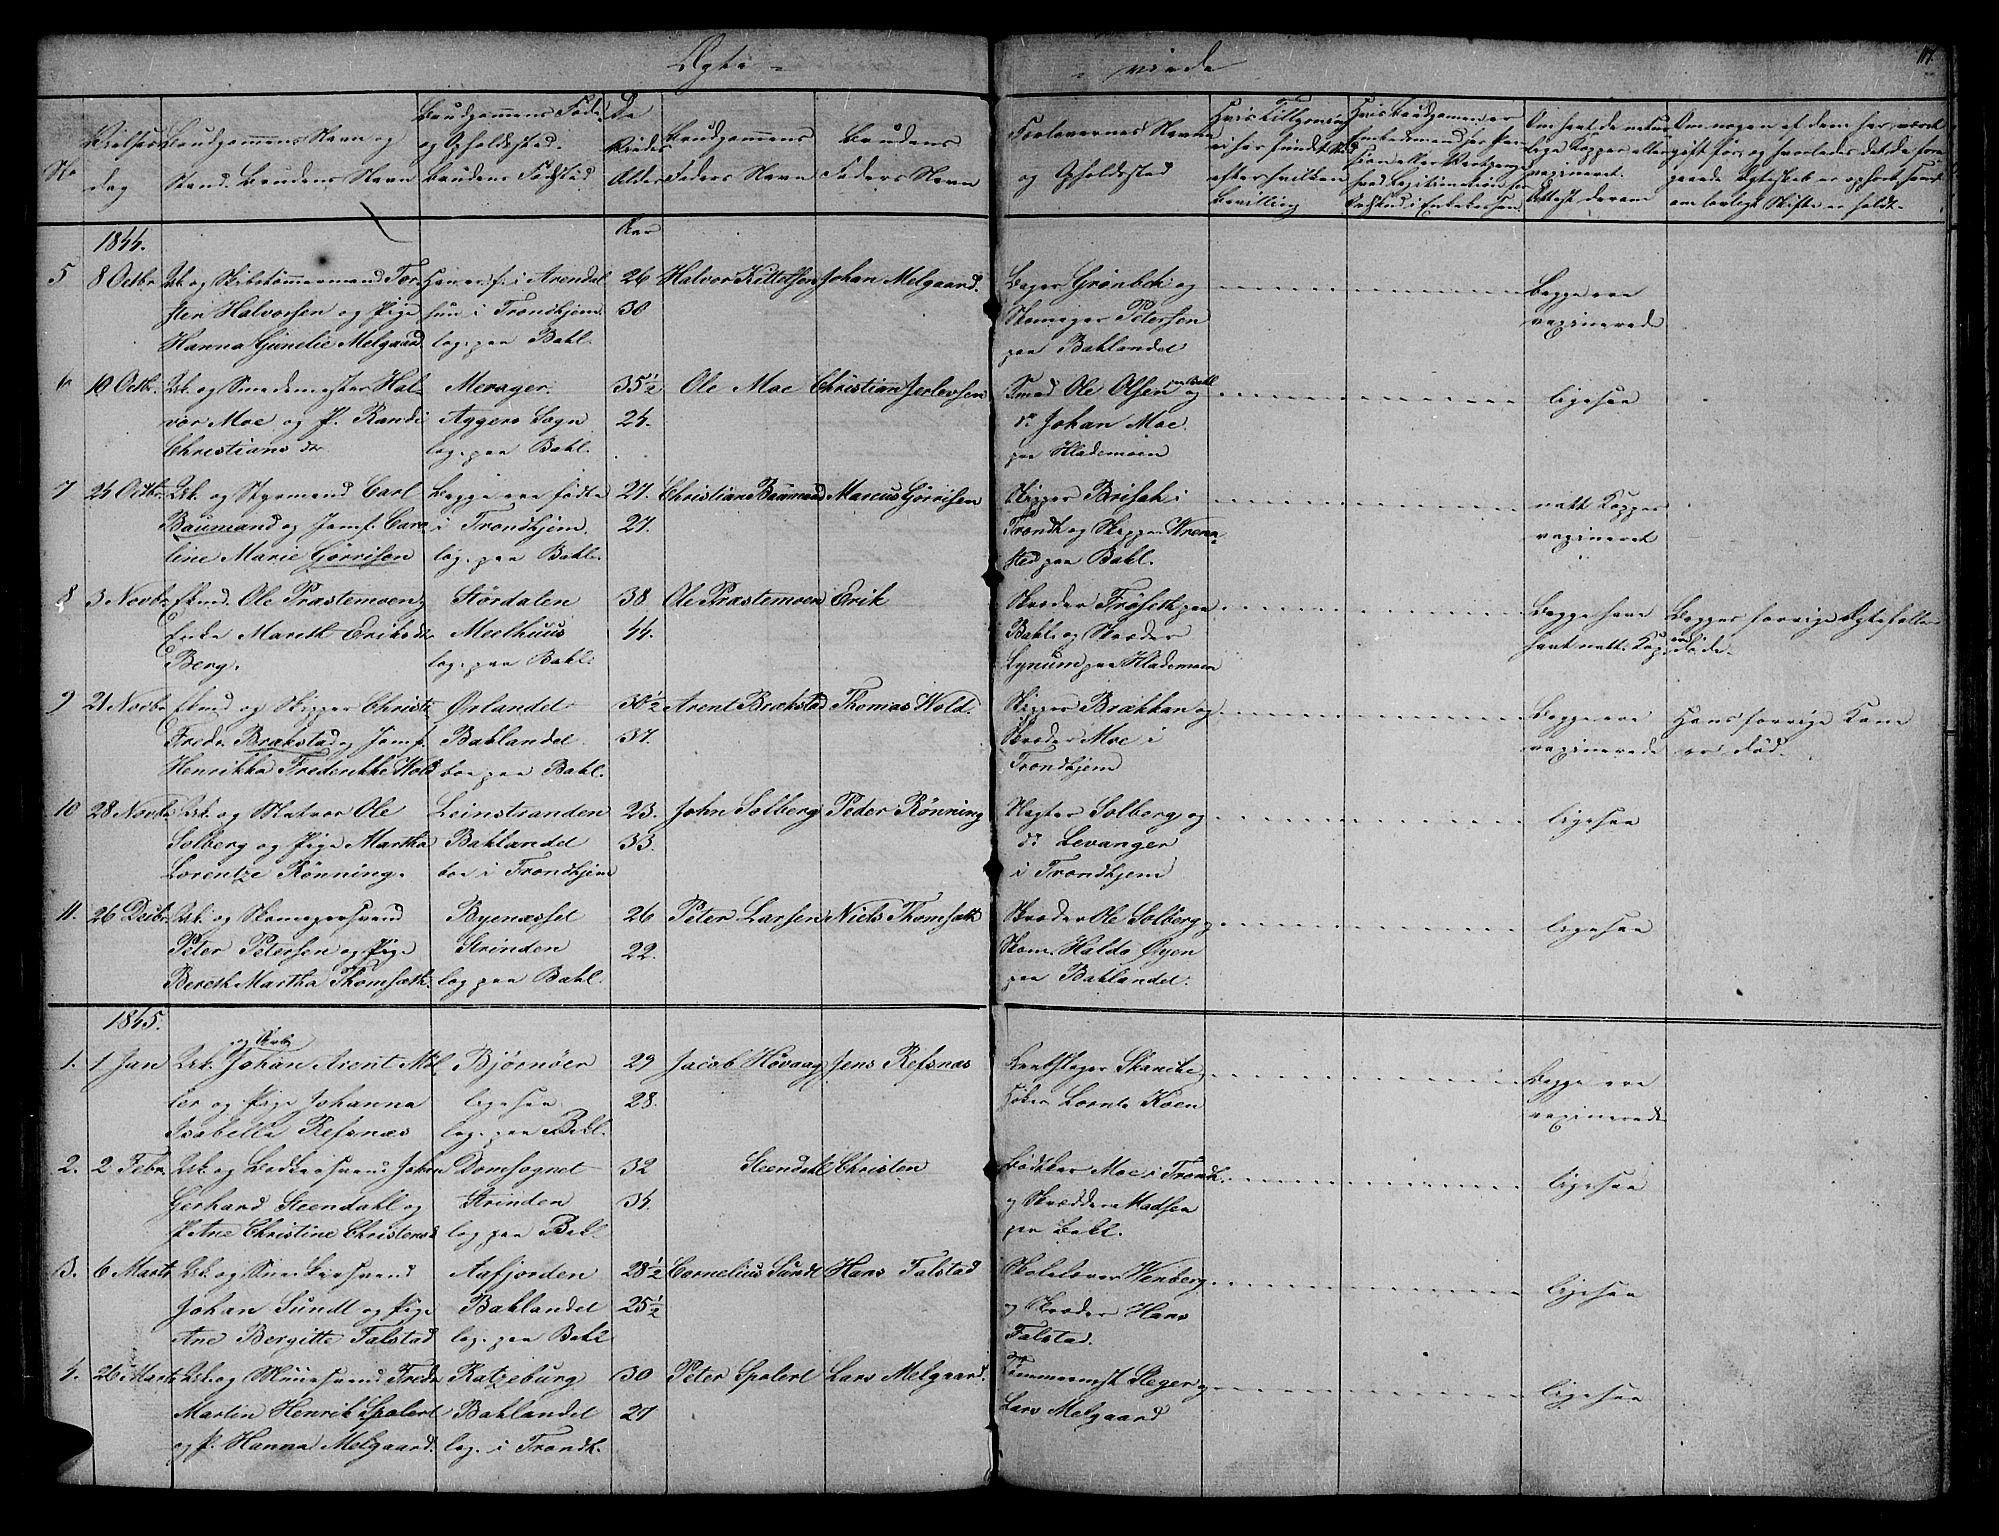 SAT, Ministerialprotokoller, klokkerbøker og fødselsregistre - Sør-Trøndelag, 604/L0182: Ministerialbok nr. 604A03, 1818-1850, s. 117